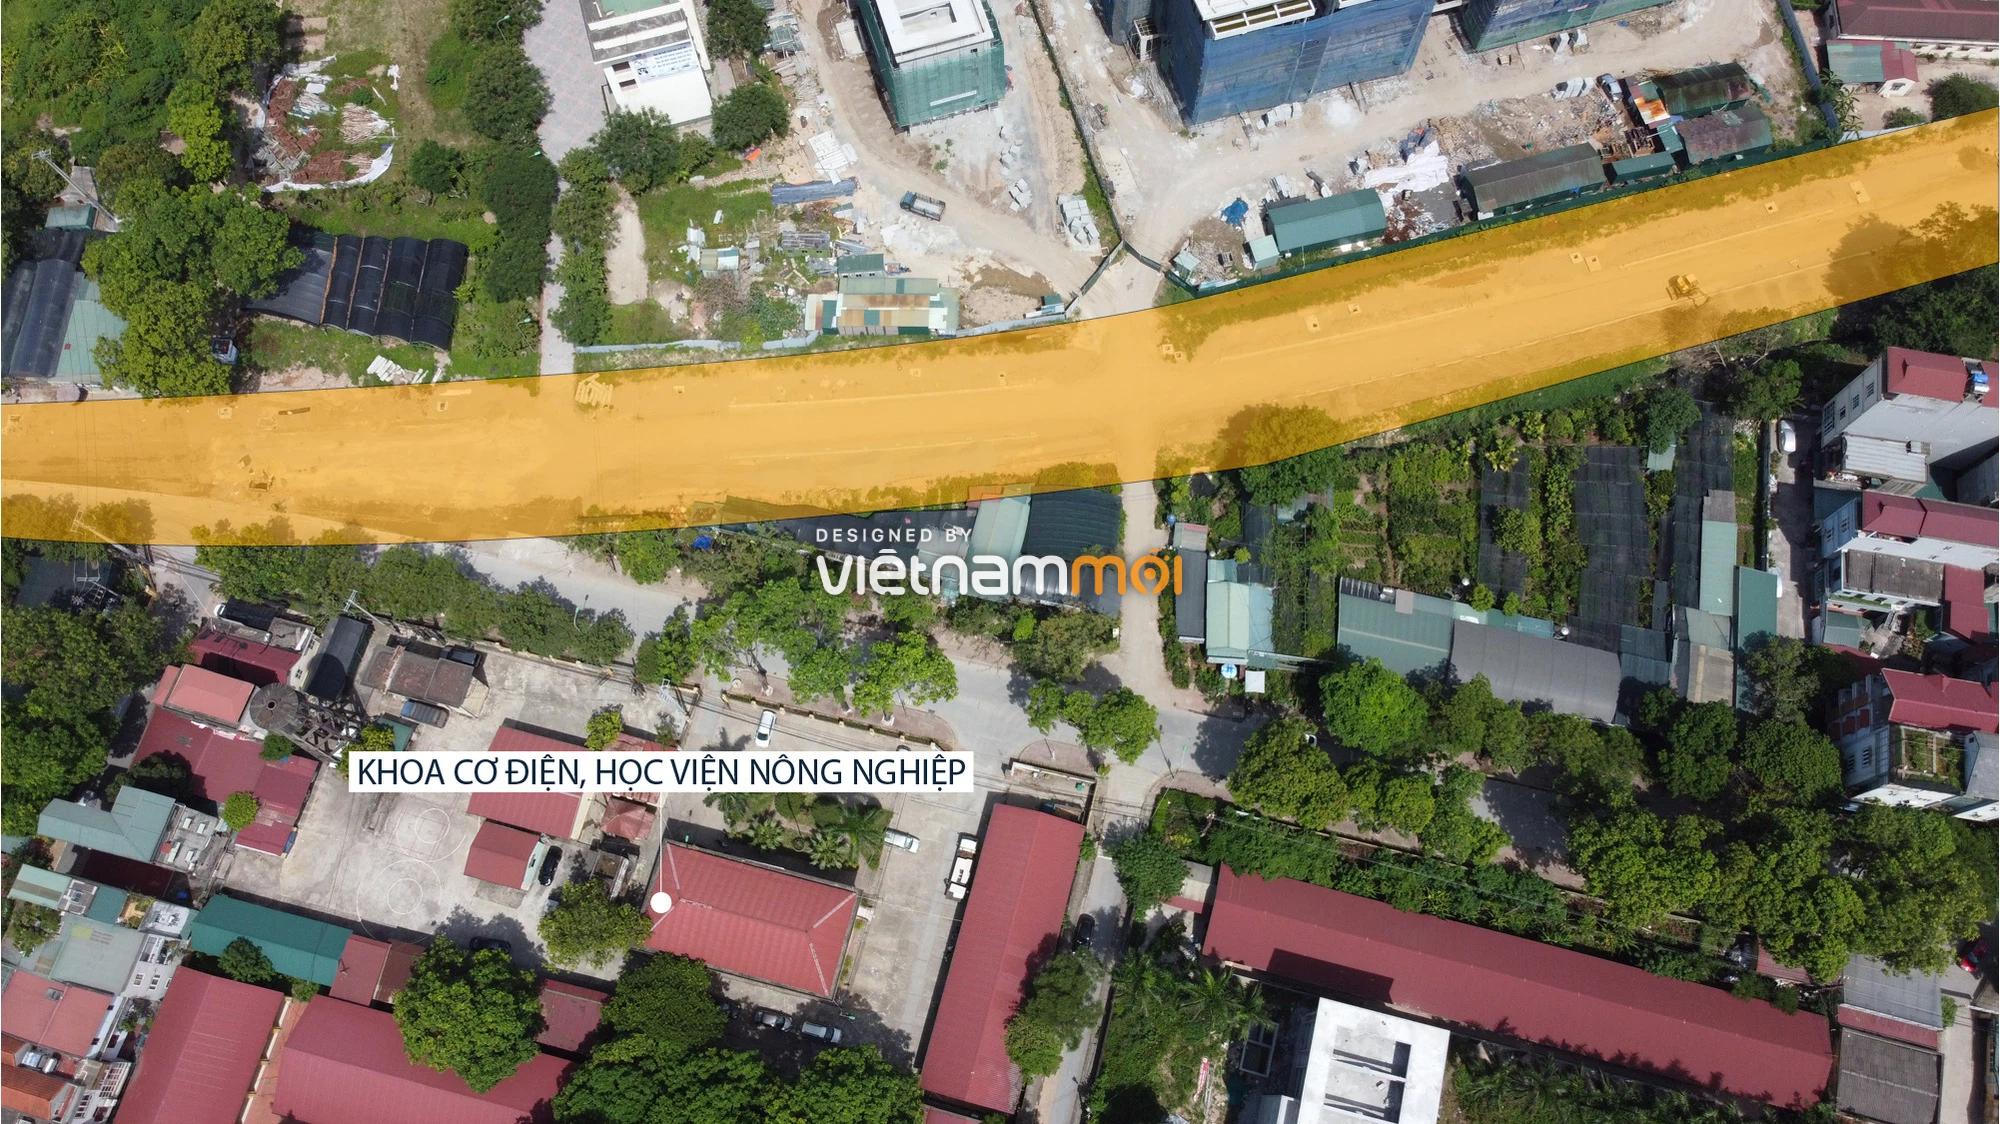 Toàn cảnh tuyến đường từ Vinhomes Ocean Park đến QL5 qua Học viện Nông nghiệp đang mở theo quy hoạch ở Hà Nội - Ảnh 5.